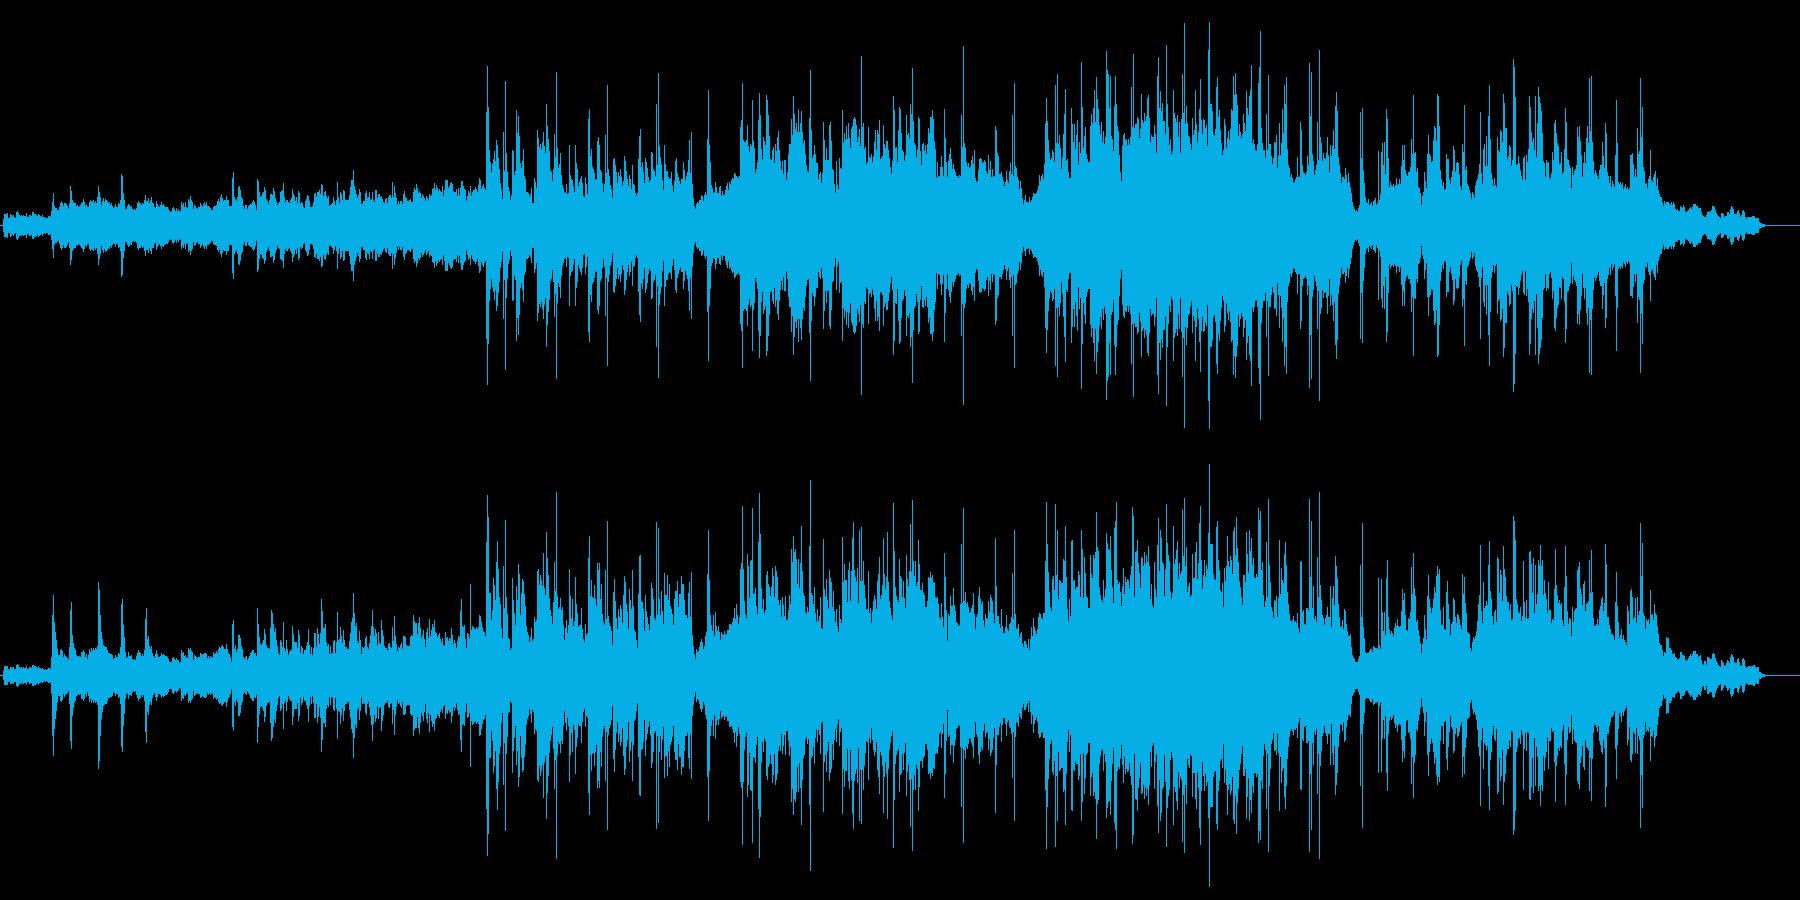 陥没地(カルデラ・レイク)の再生済みの波形